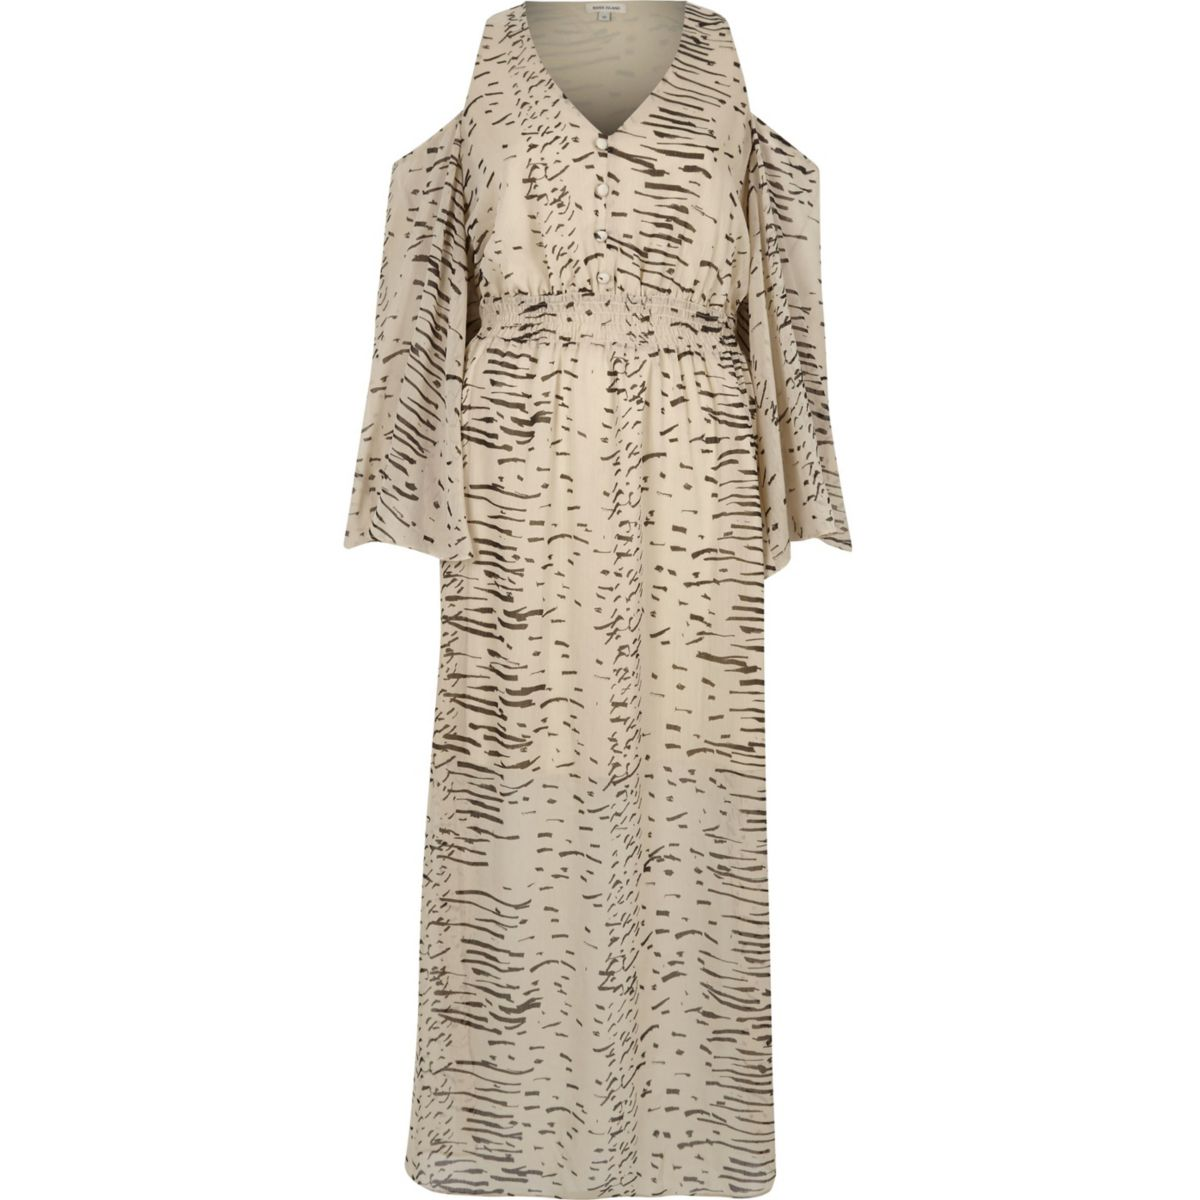 Cream printed cold shoulder maxi dress